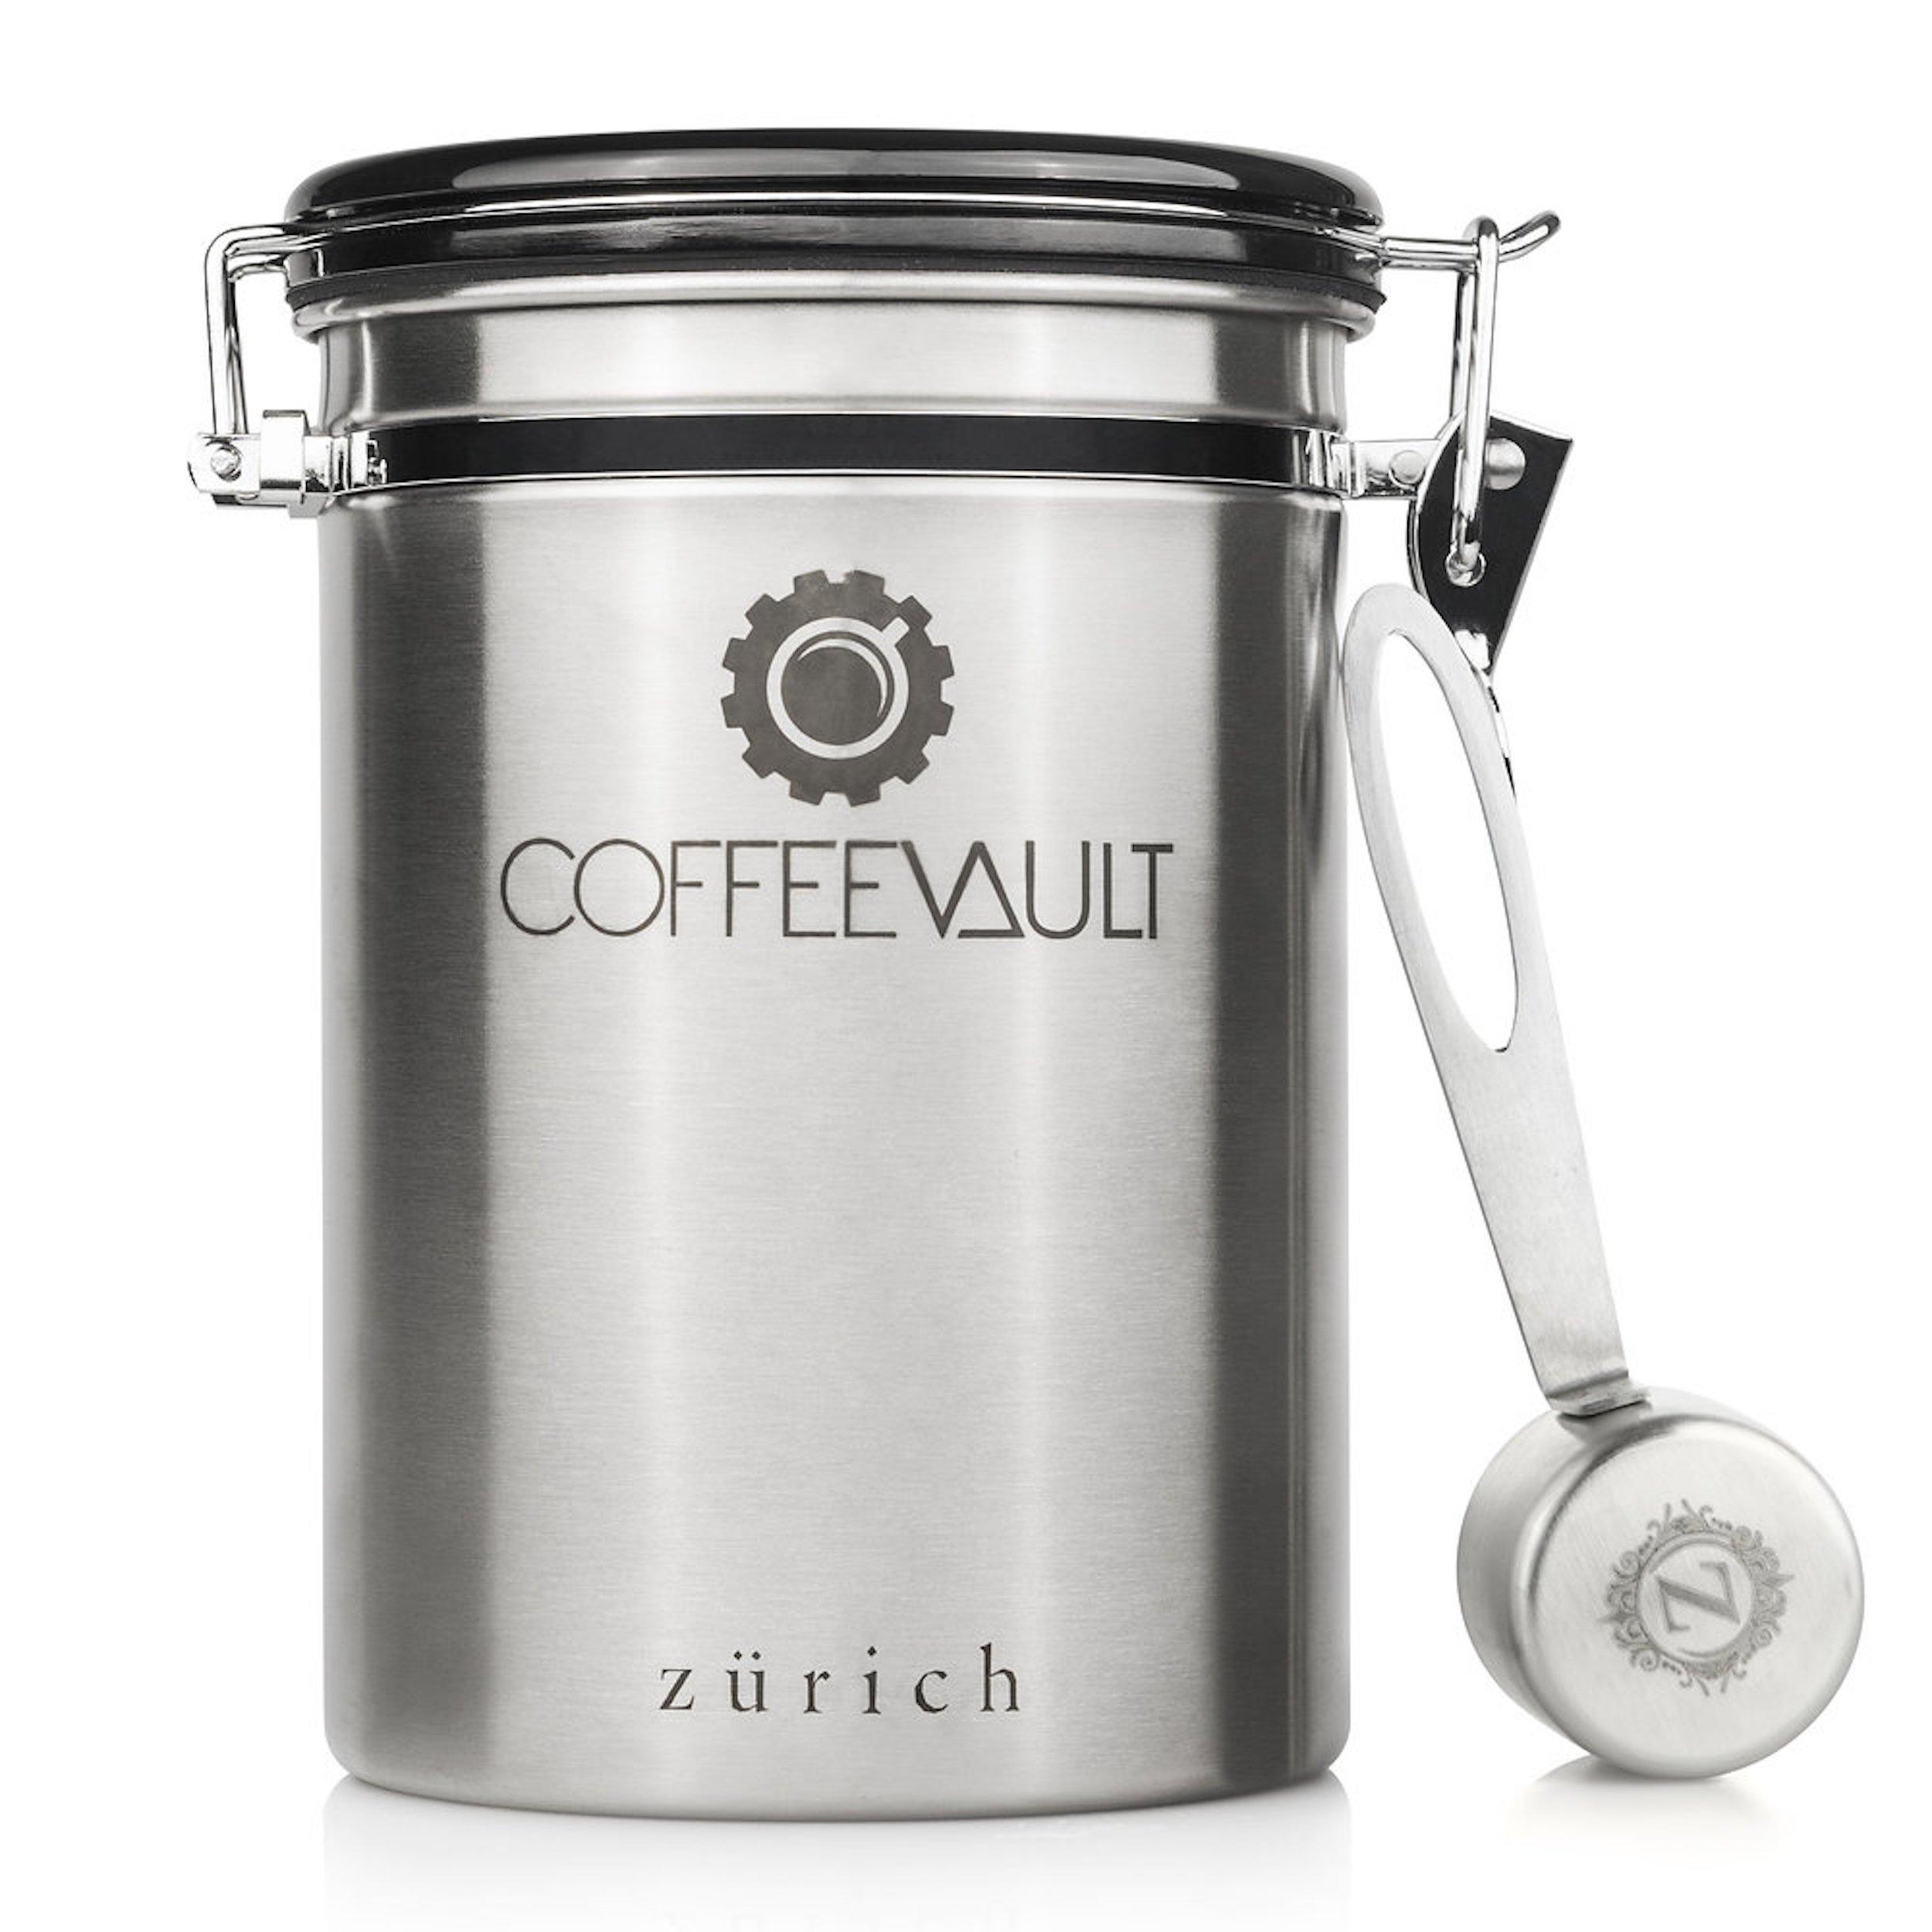 Recipiente para Guardar Café de Zurich | Bote Hermético de Acero Inoxidable Perfecto para Evitar la